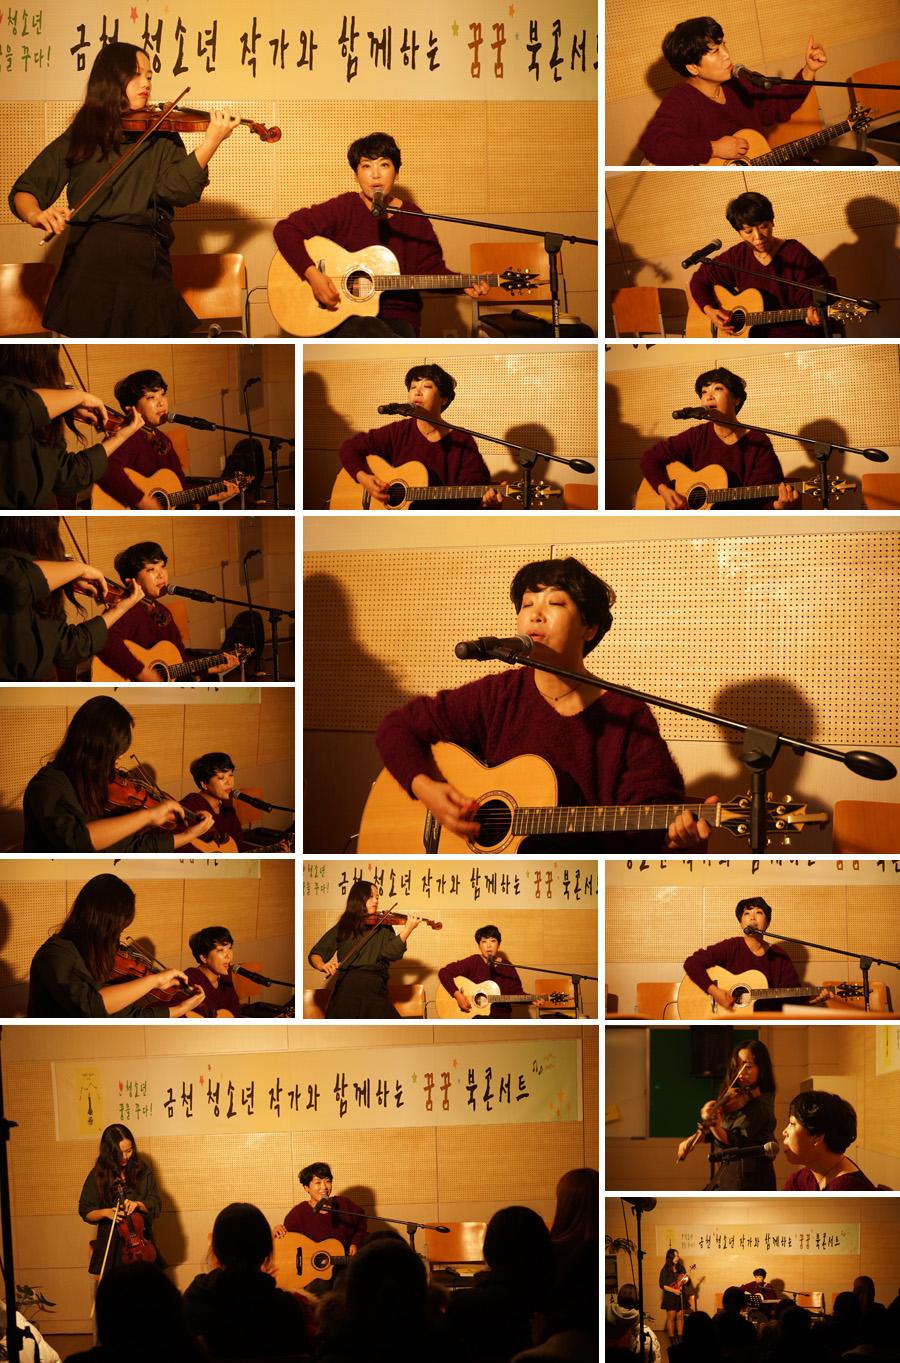 07_singer03.jpg